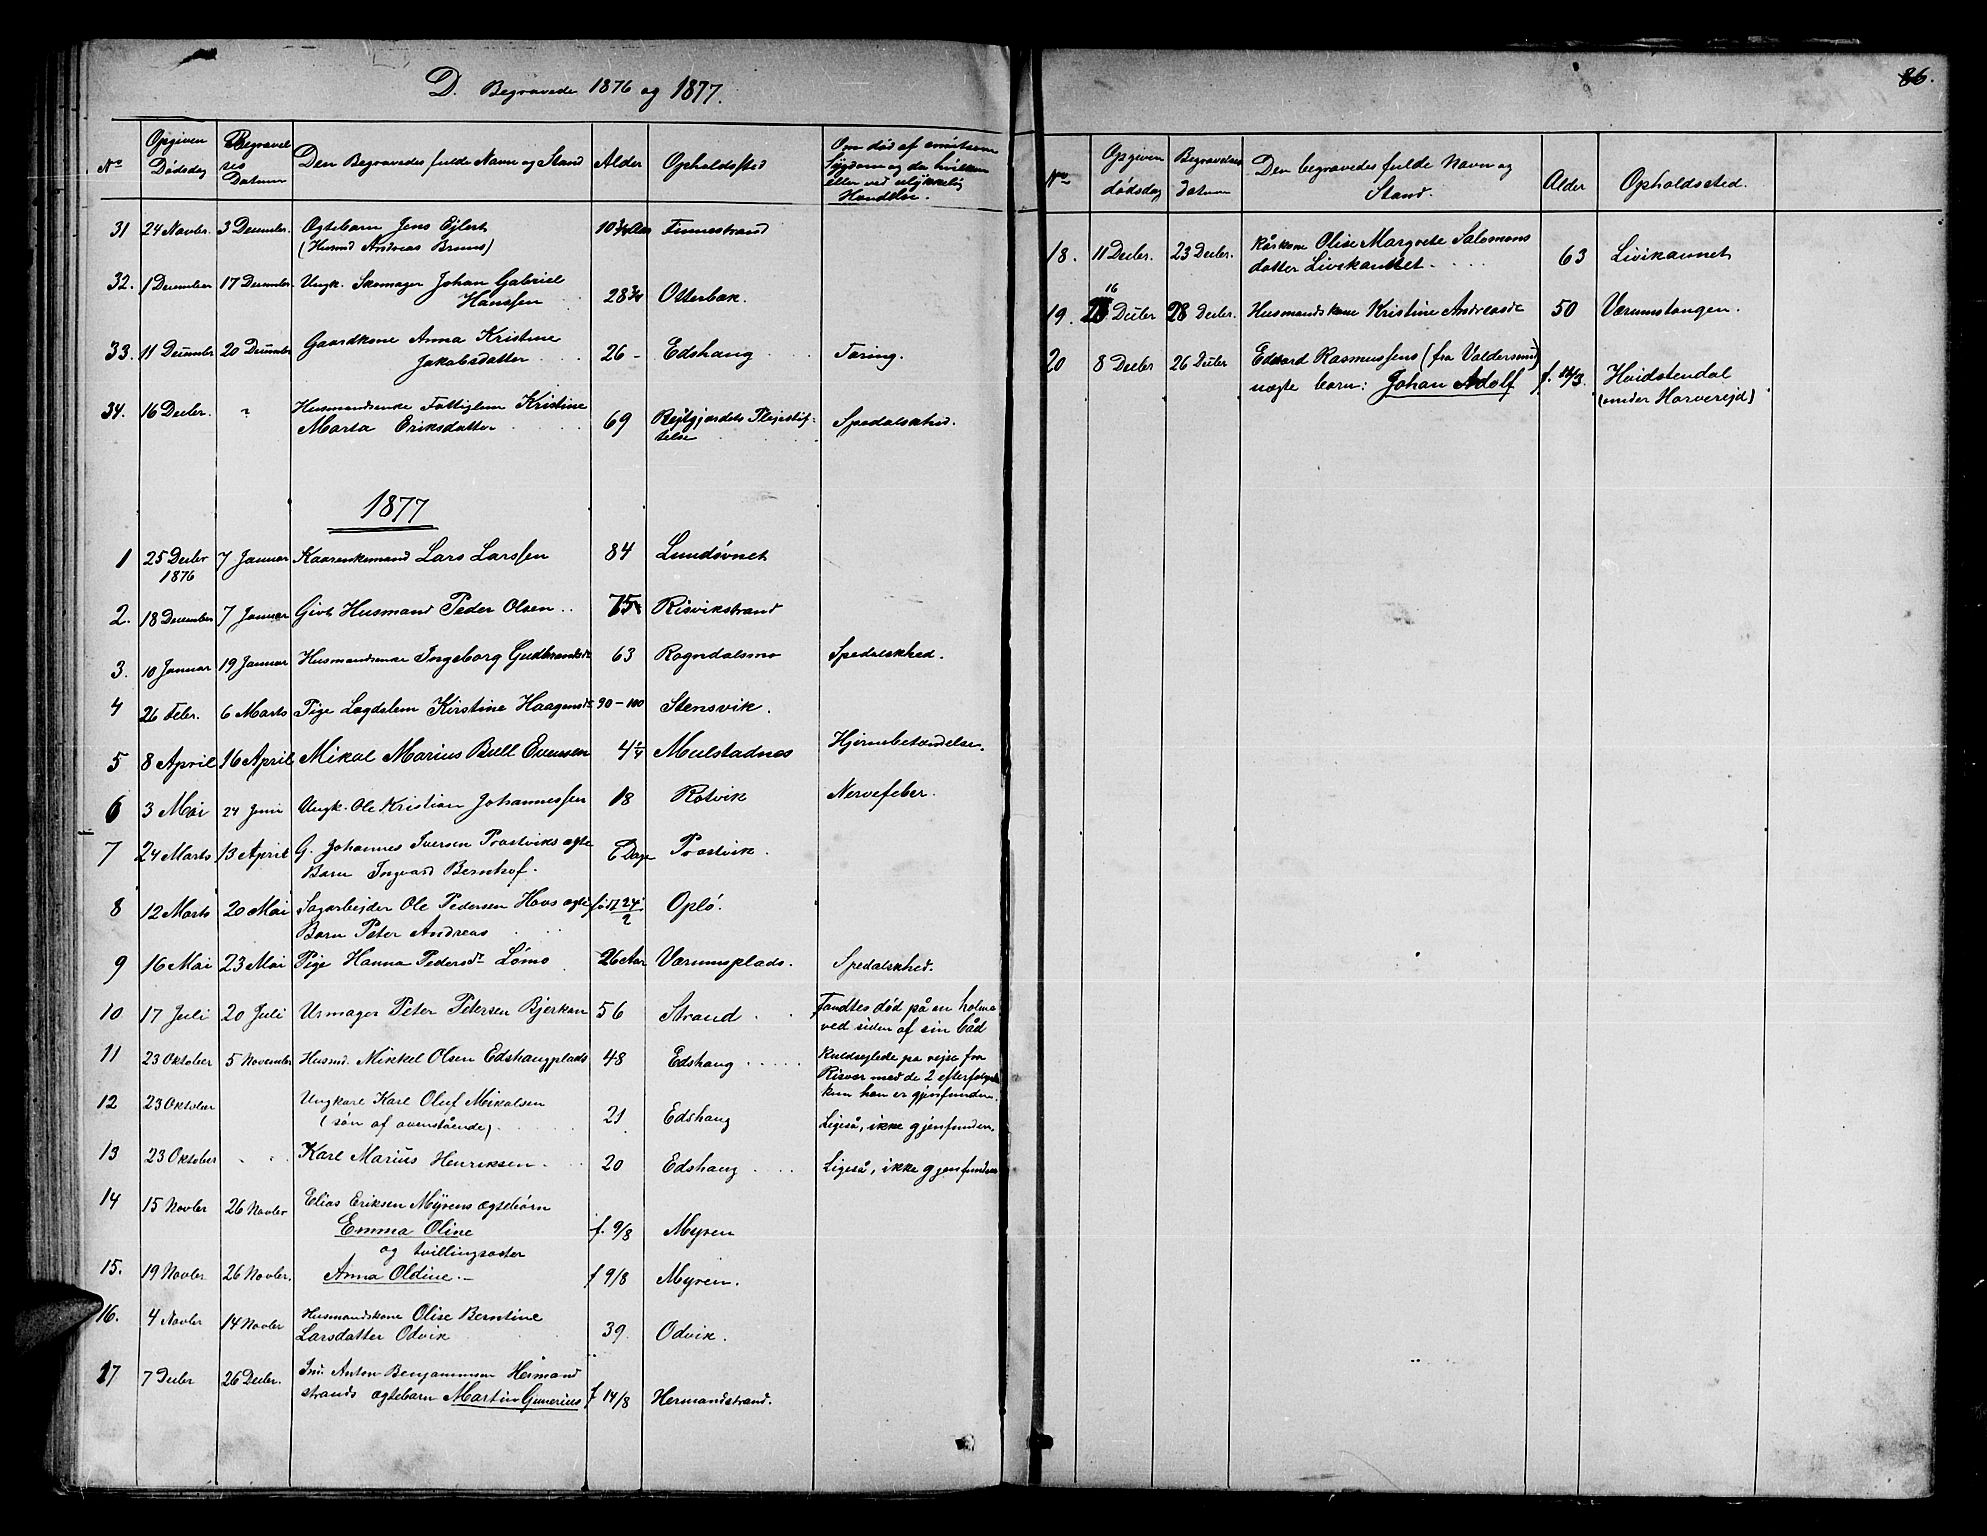 SAT, Ministerialprotokoller, klokkerbøker og fødselsregistre - Nord-Trøndelag, 780/L0650: Klokkerbok nr. 780C02, 1866-1884, s. 86